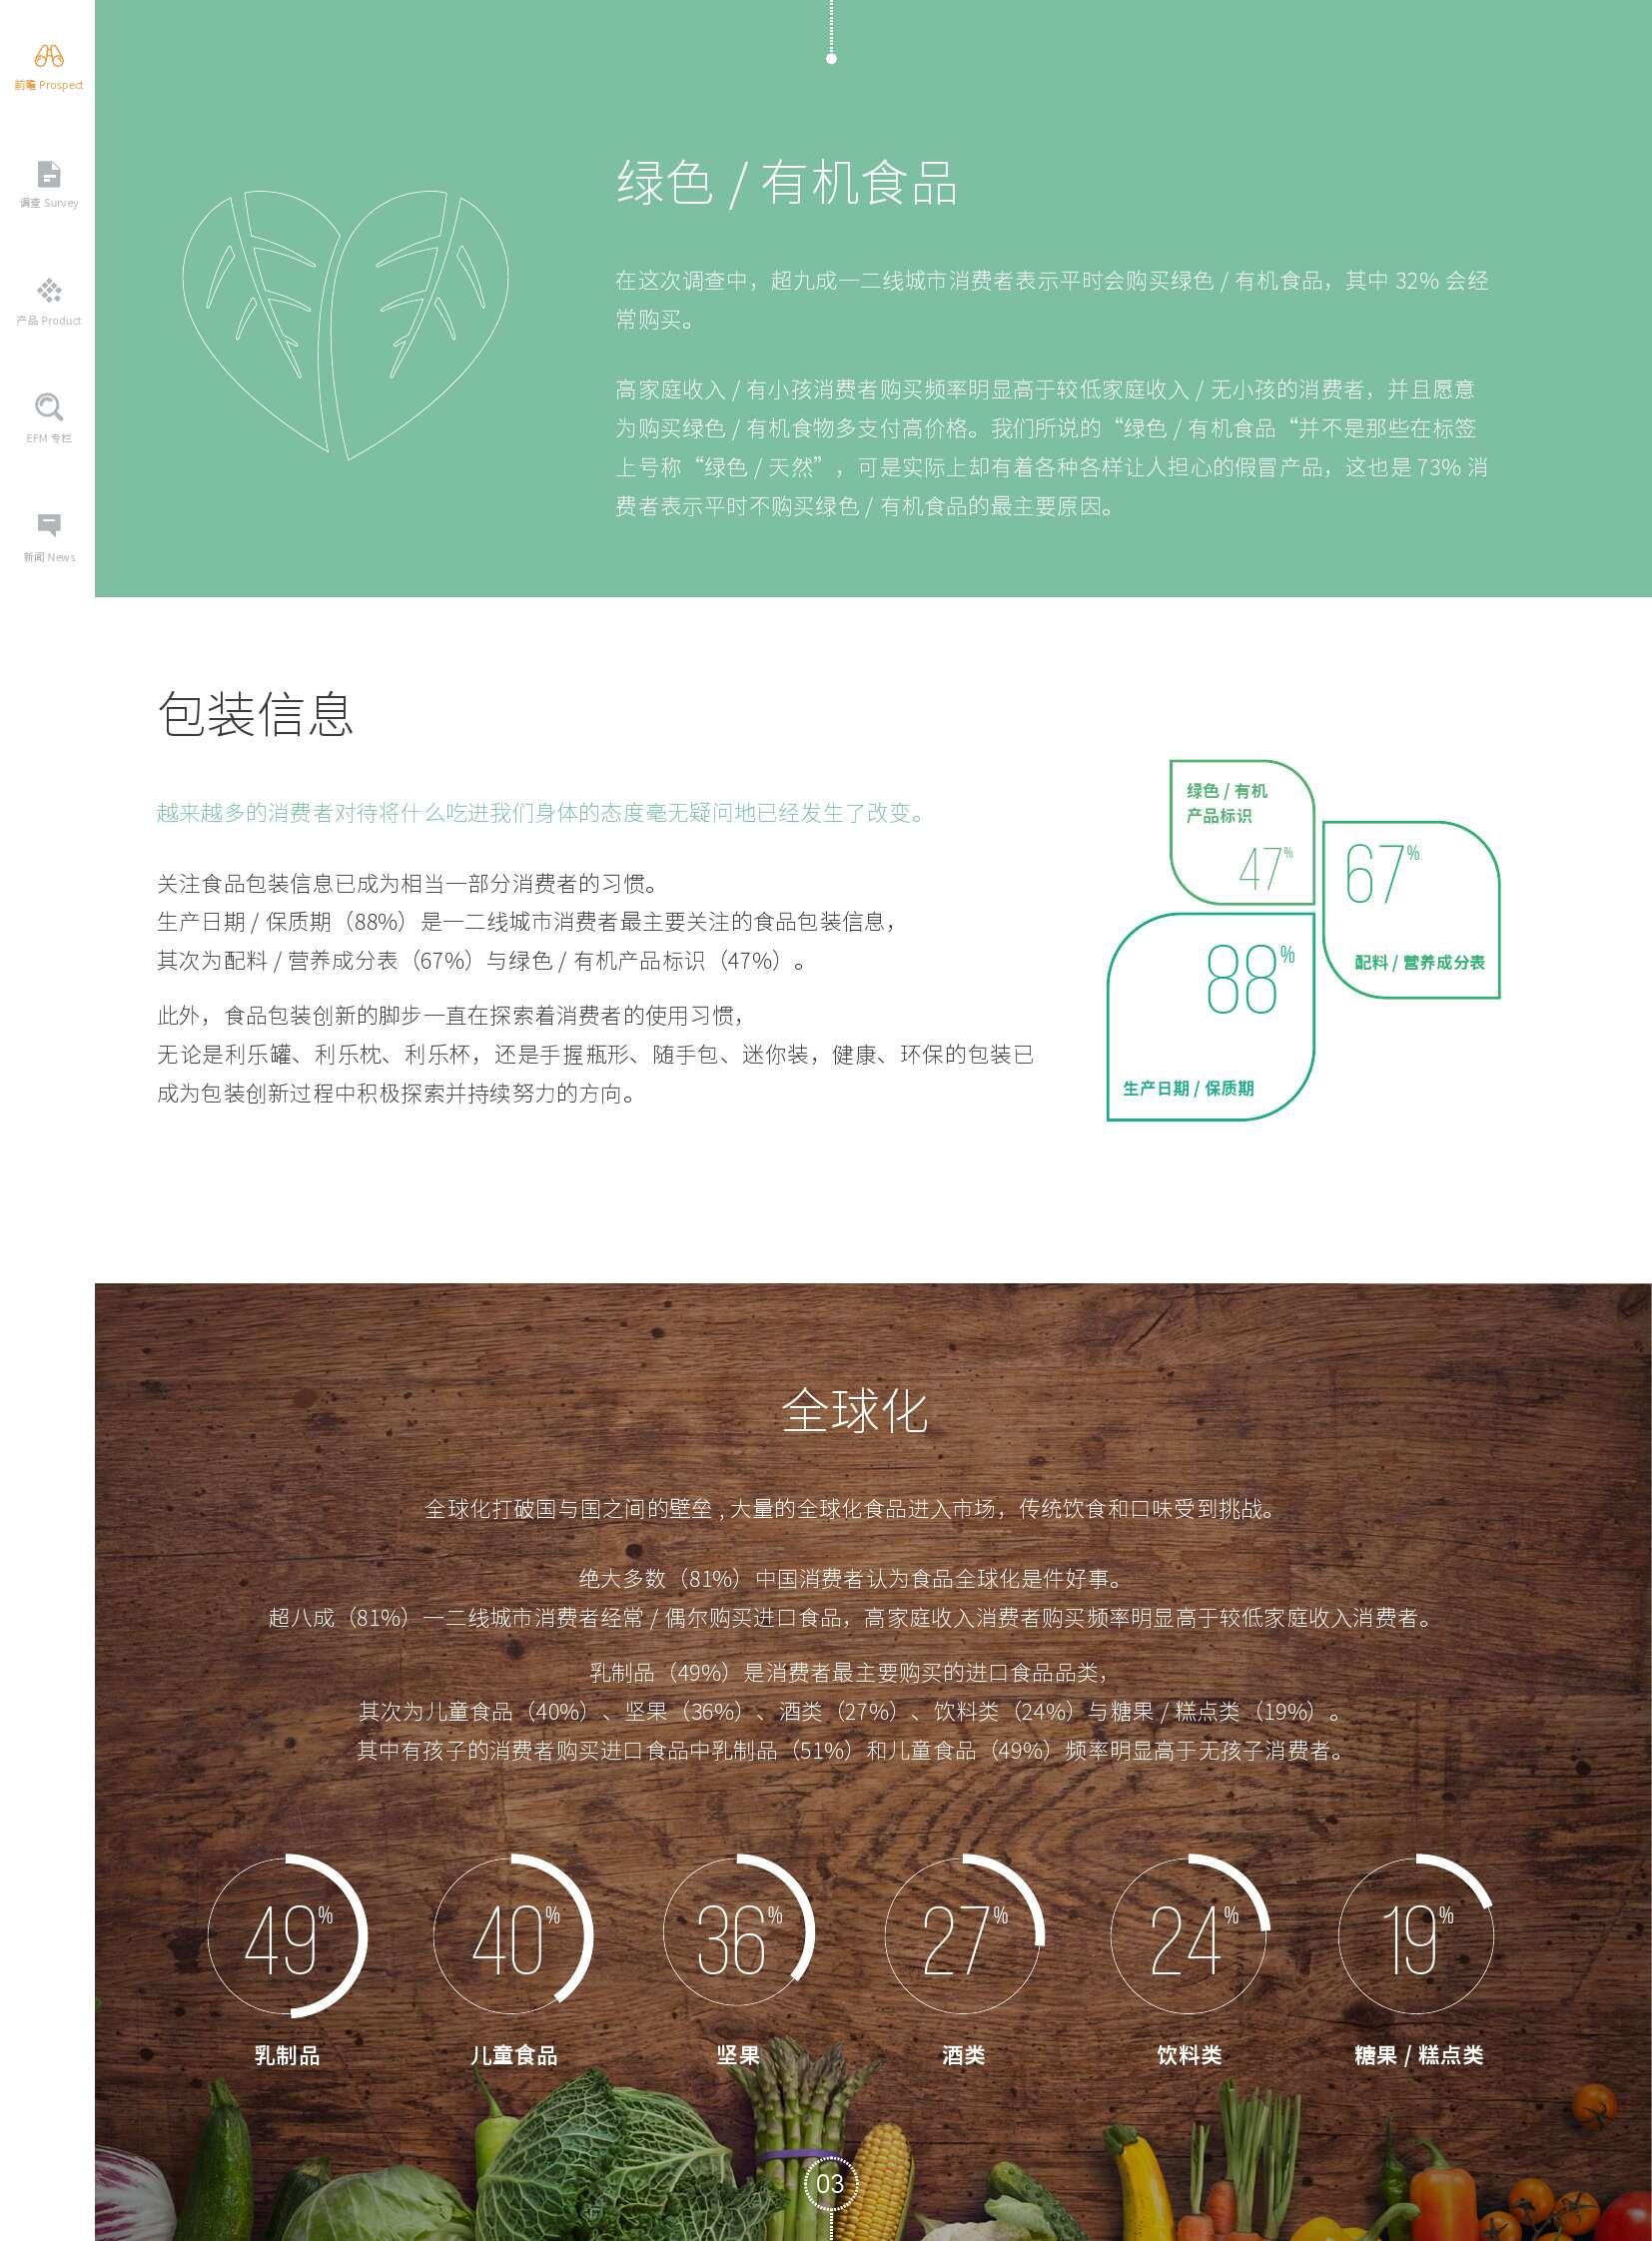 2016中国食品&饮料趋势及消费者洞察_000004